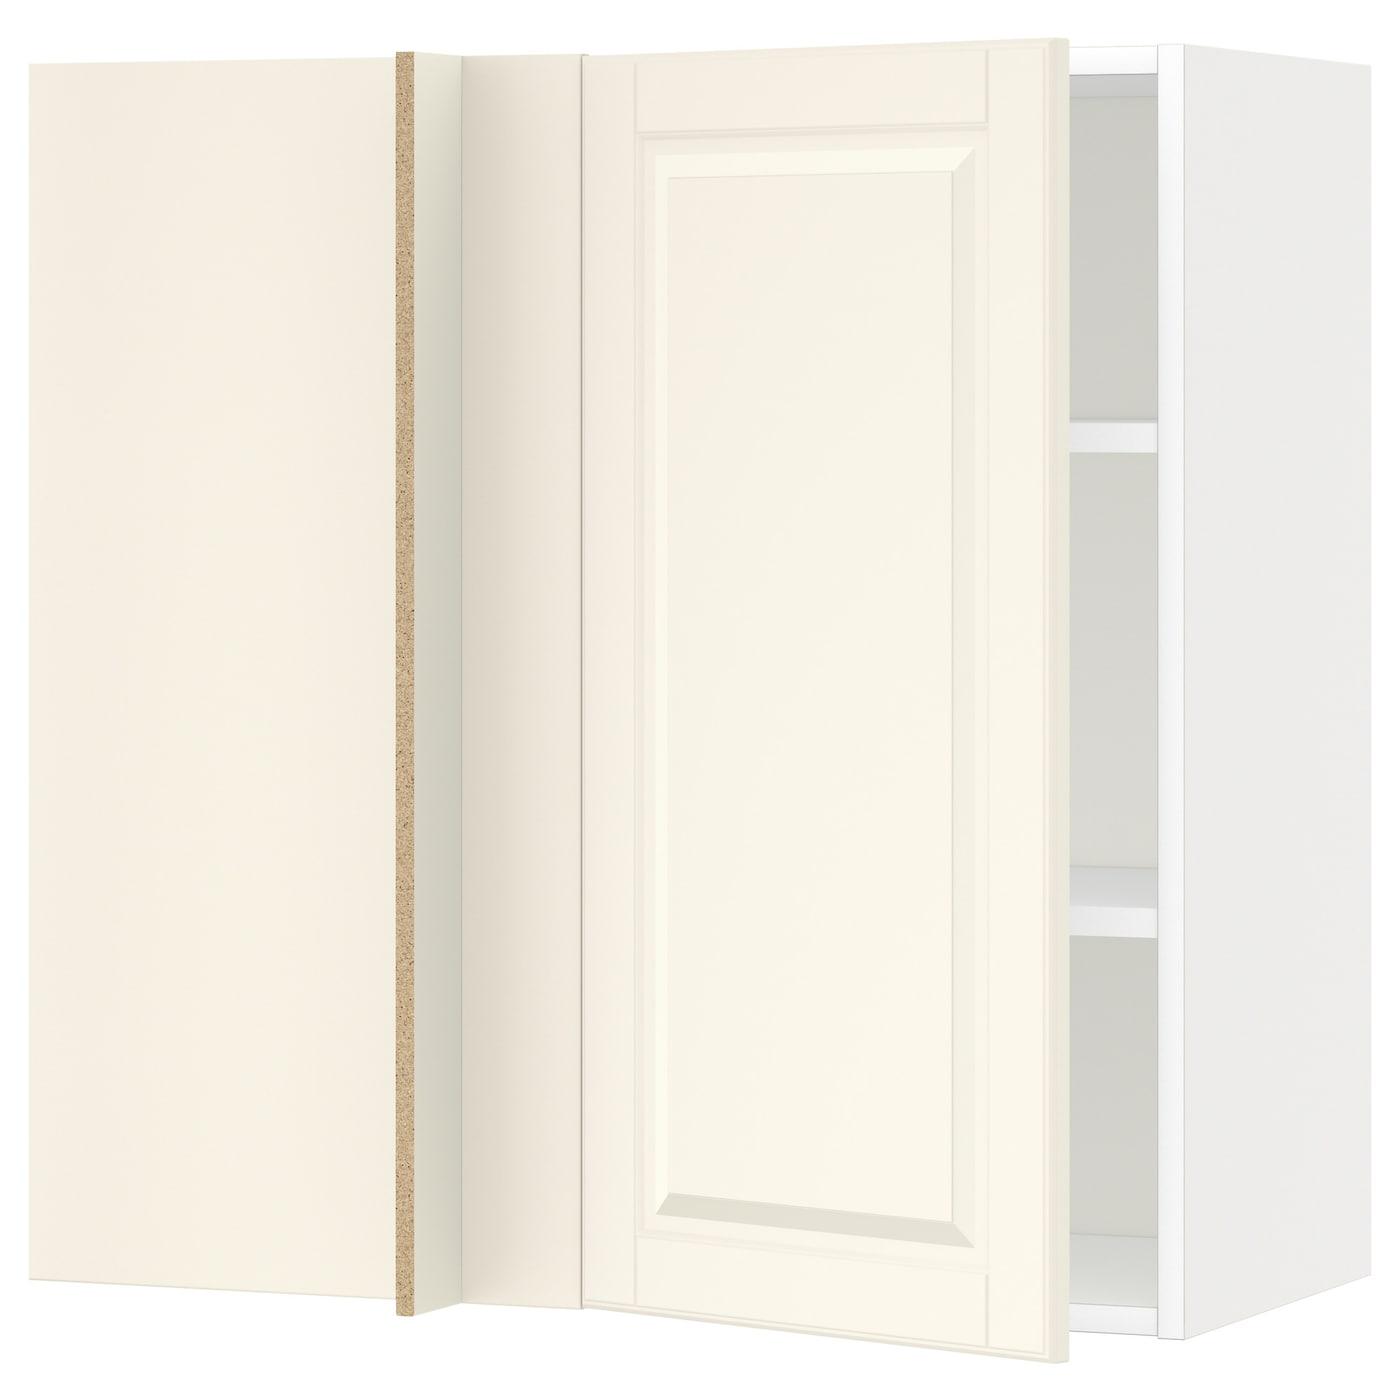 Metod lt mur ang tblts blanc bodbyn blanc cass 88x37x80 - Mur blanc casse ...